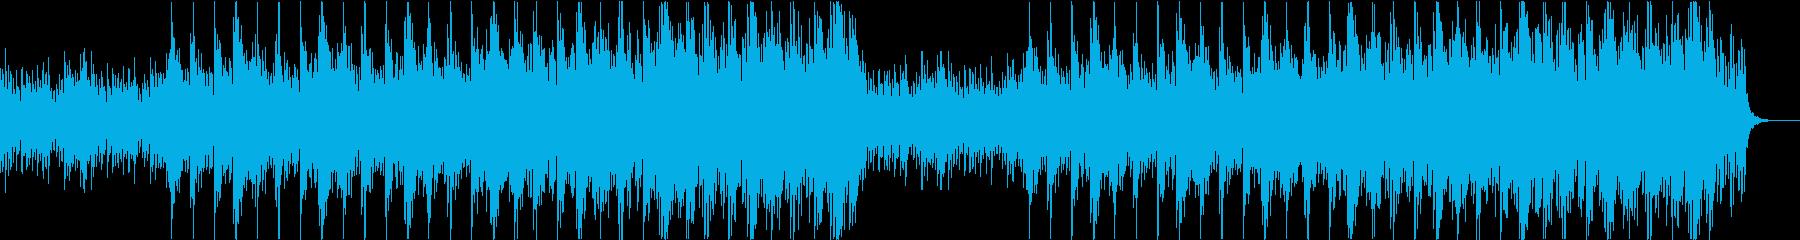 ファンタジーで壮大な雰囲気のピアノBGMの再生済みの波形